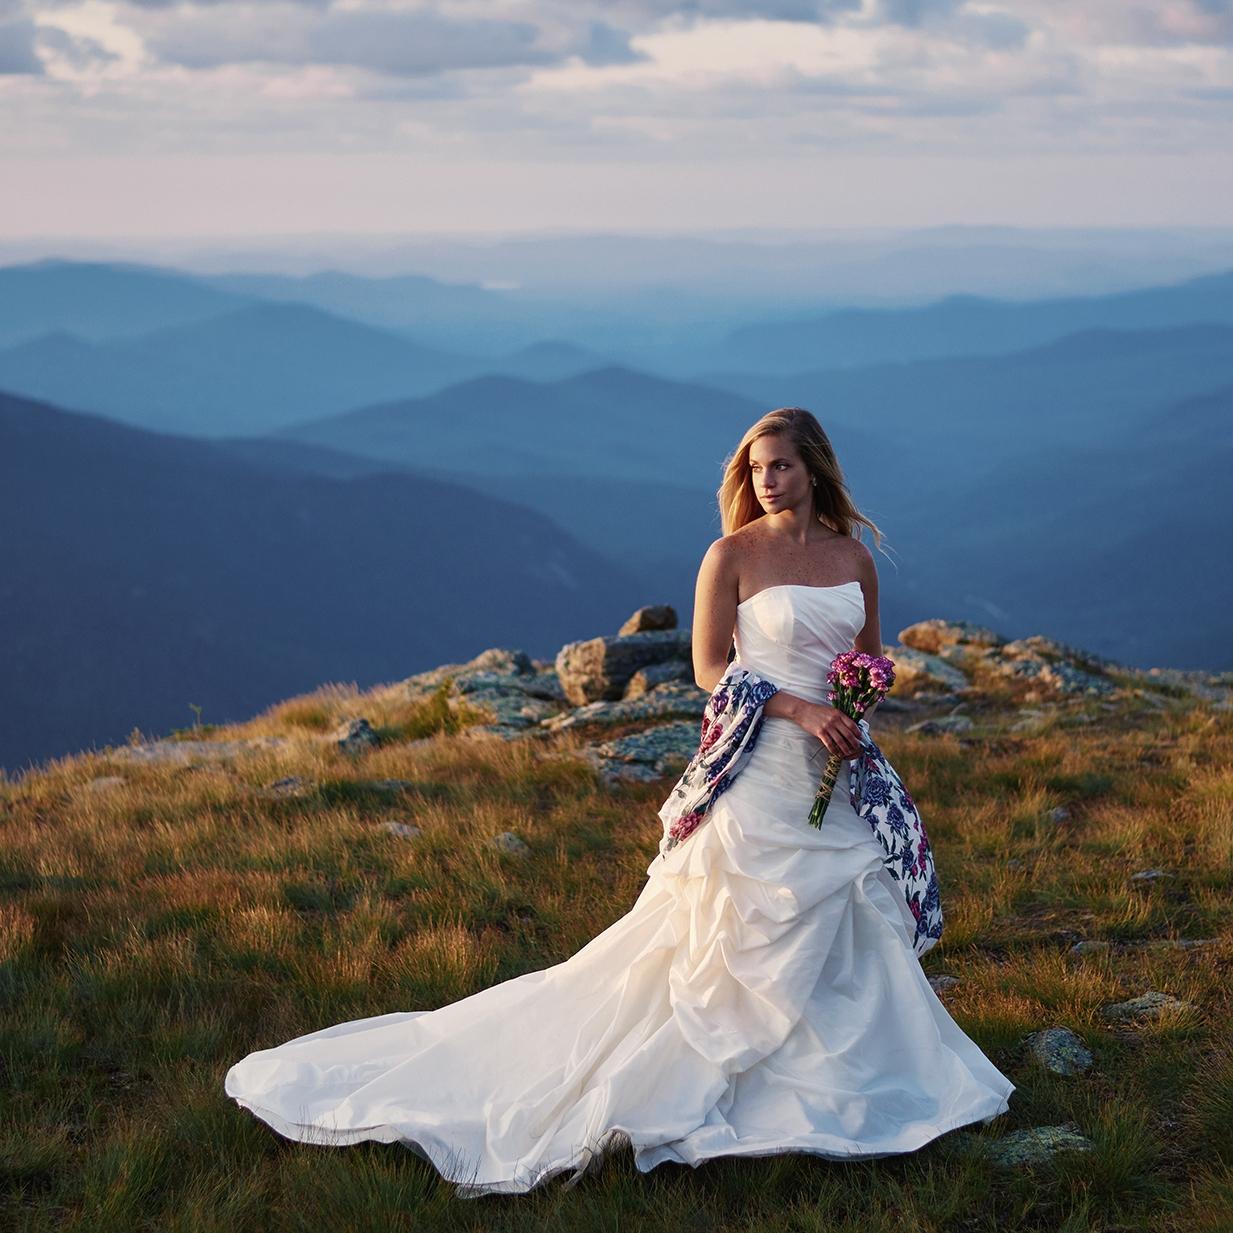 Bridal photo shoot with Emily on Mount Washington in New Hampshire at sunrise